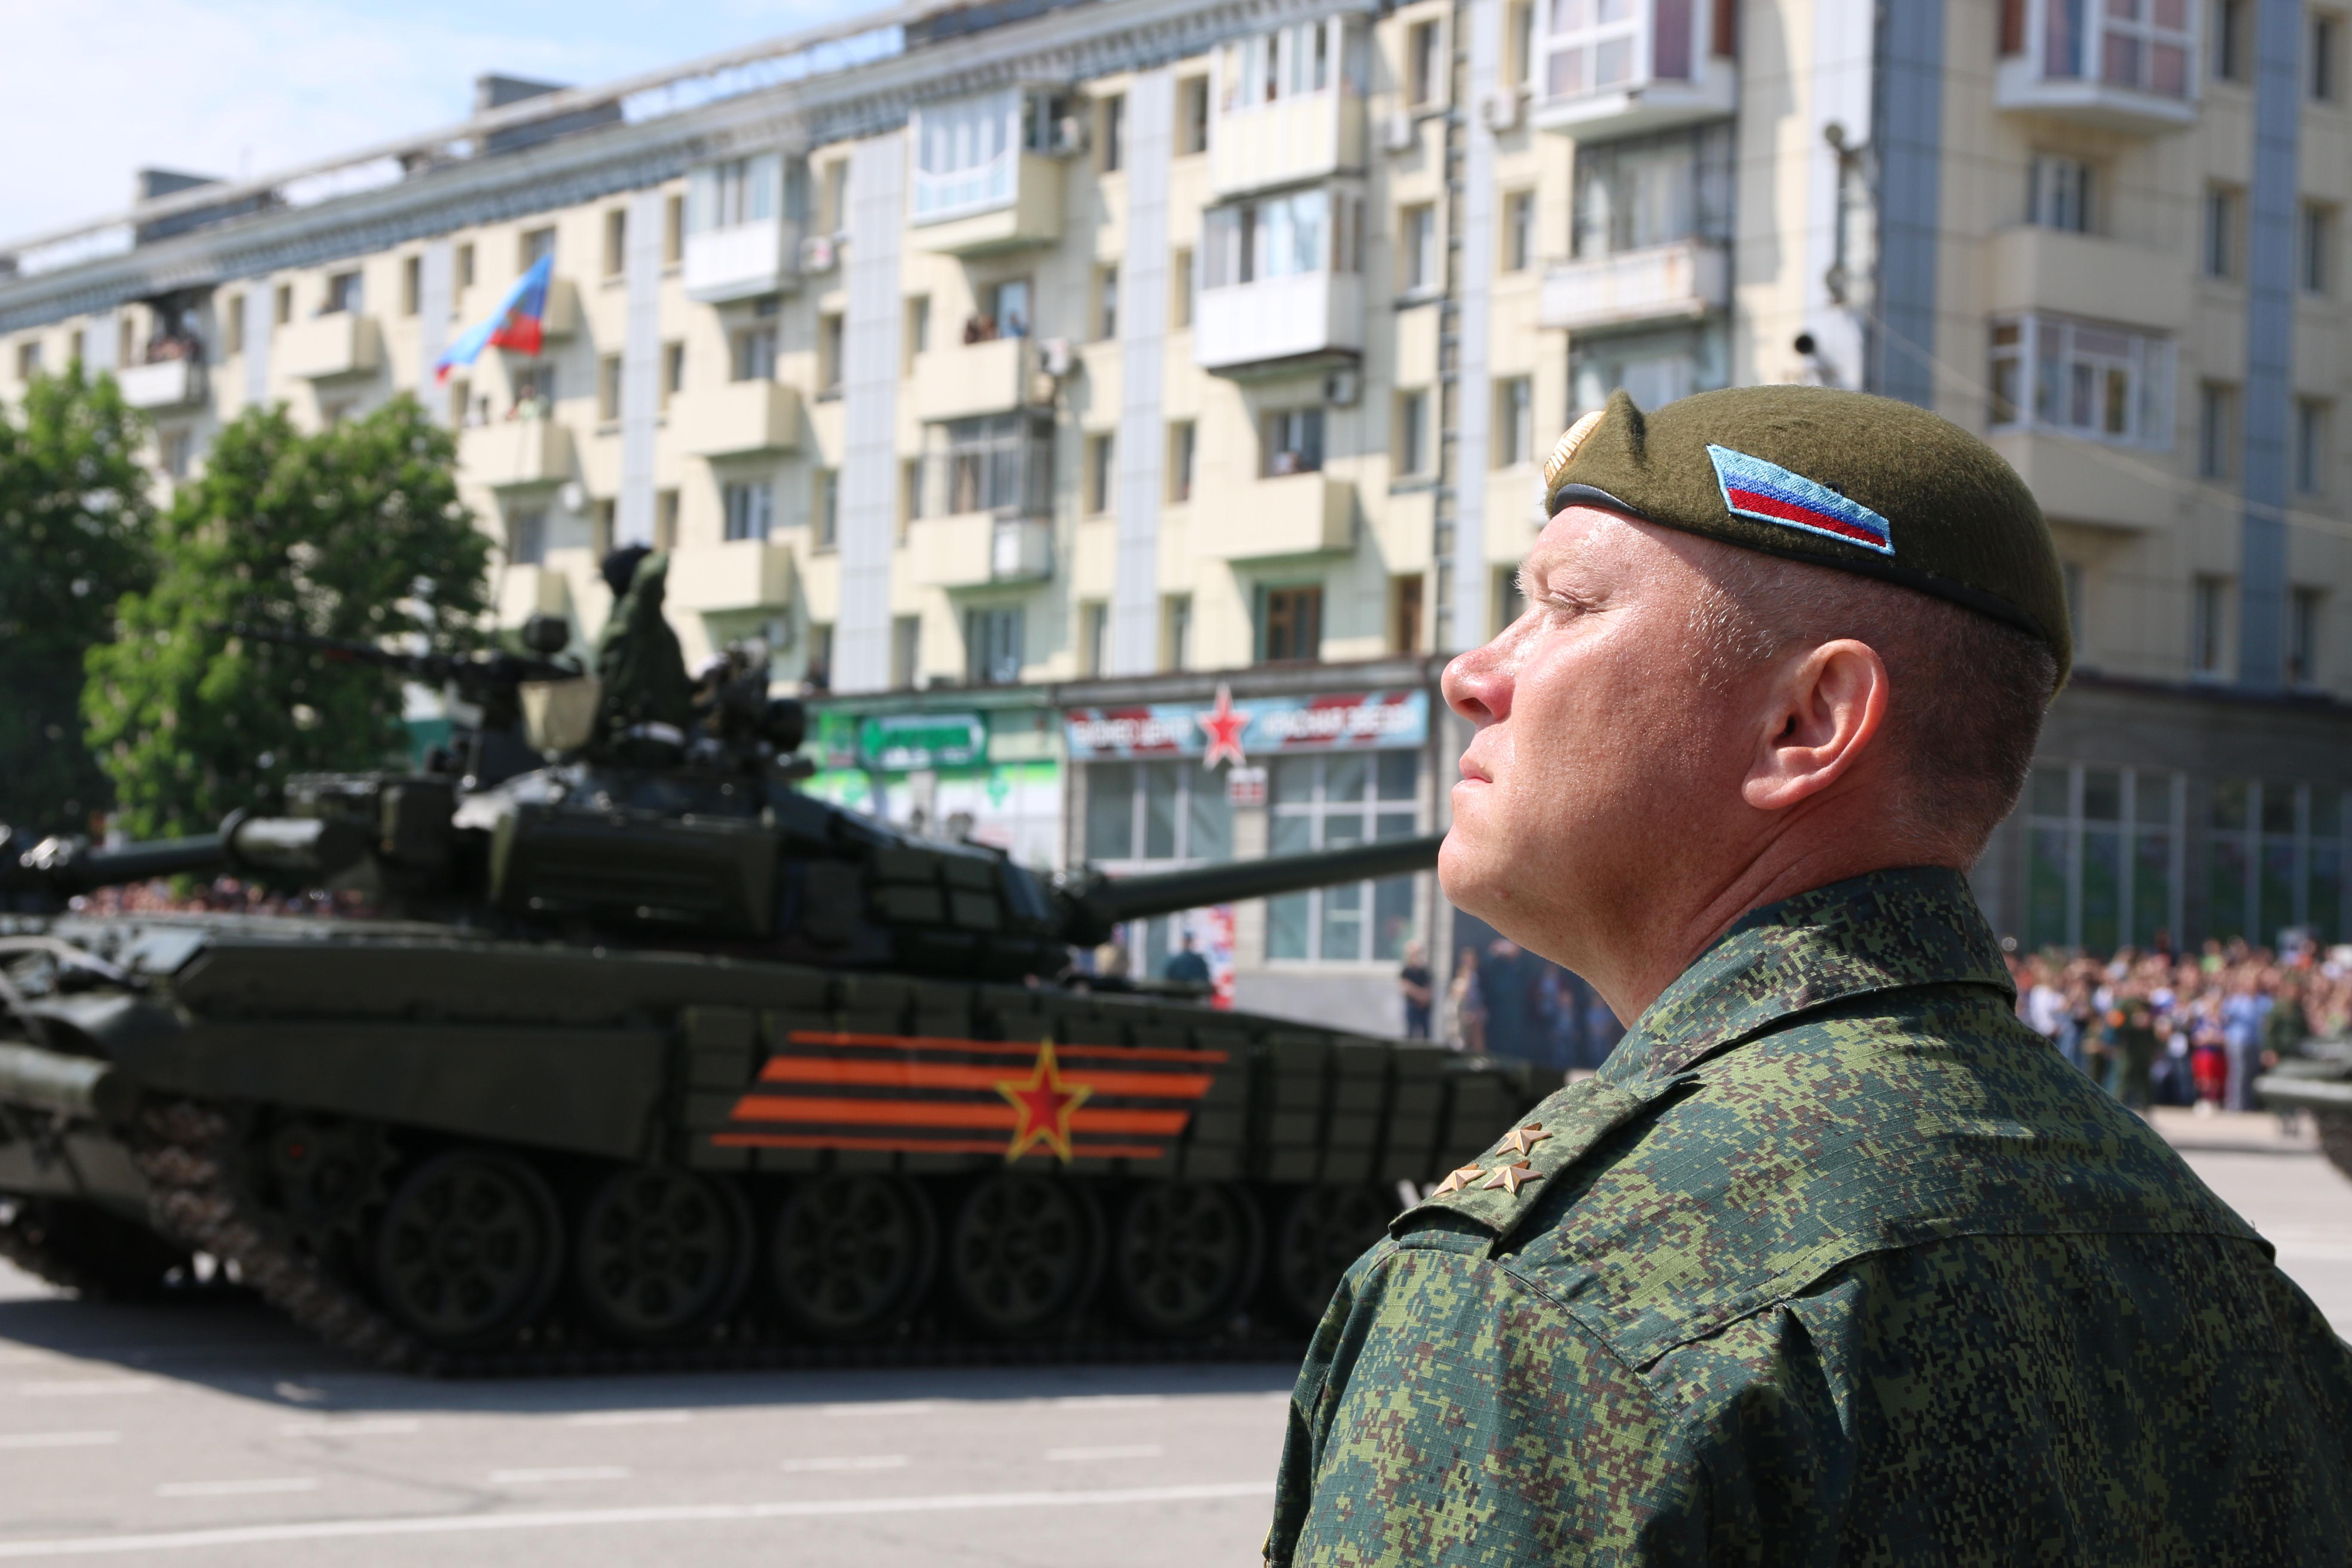 Kelet-Ukrajnában felrobbantották a lázadók egyik vezetőjét